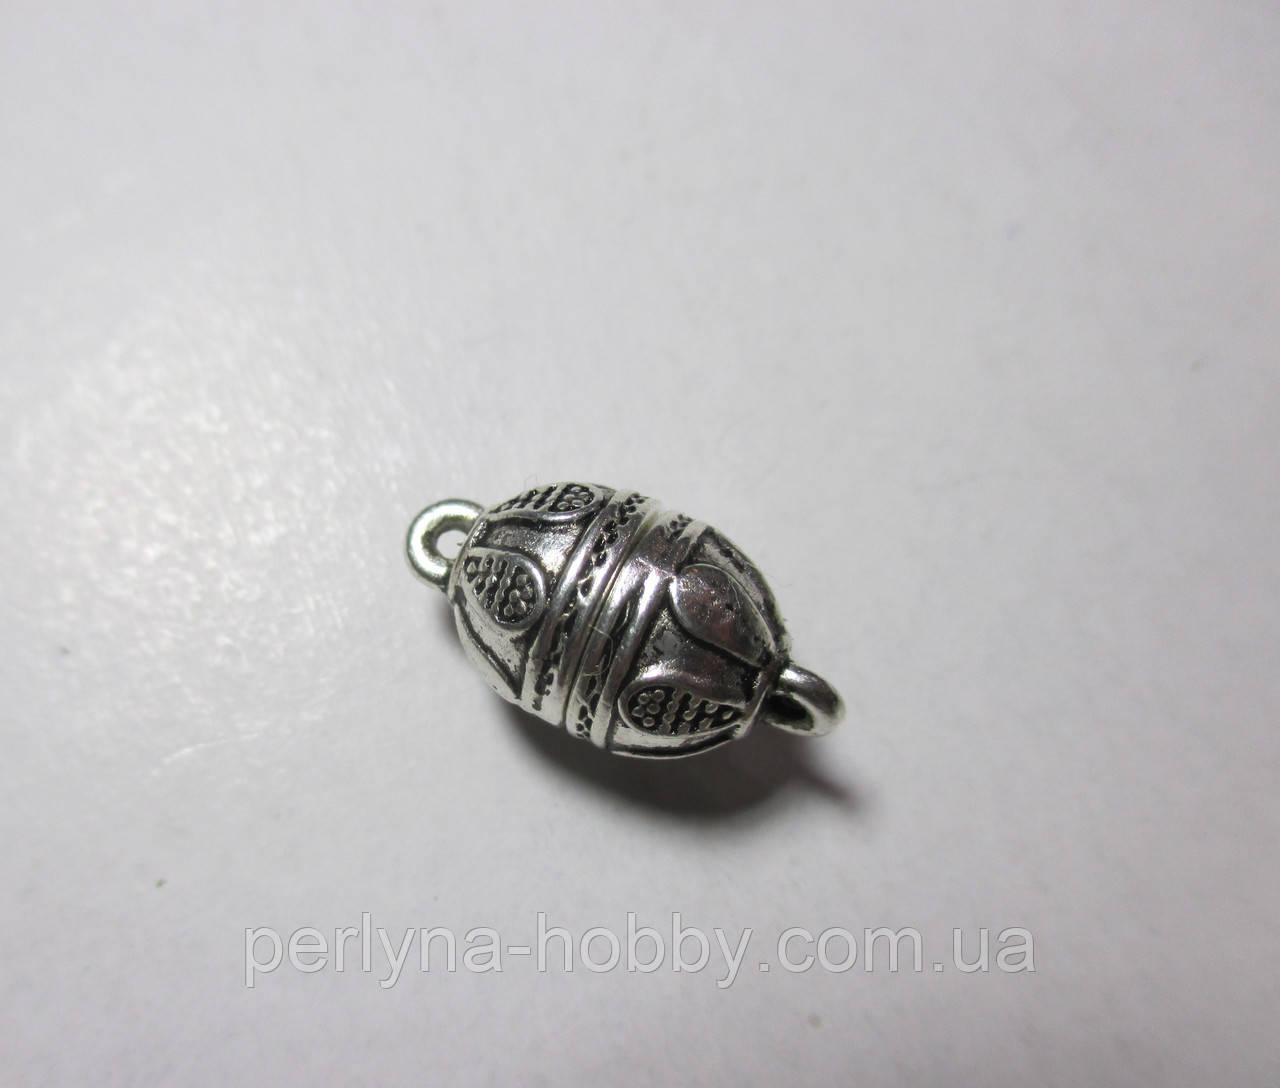 Застібка магніт кулька 20мм, античне срібло,